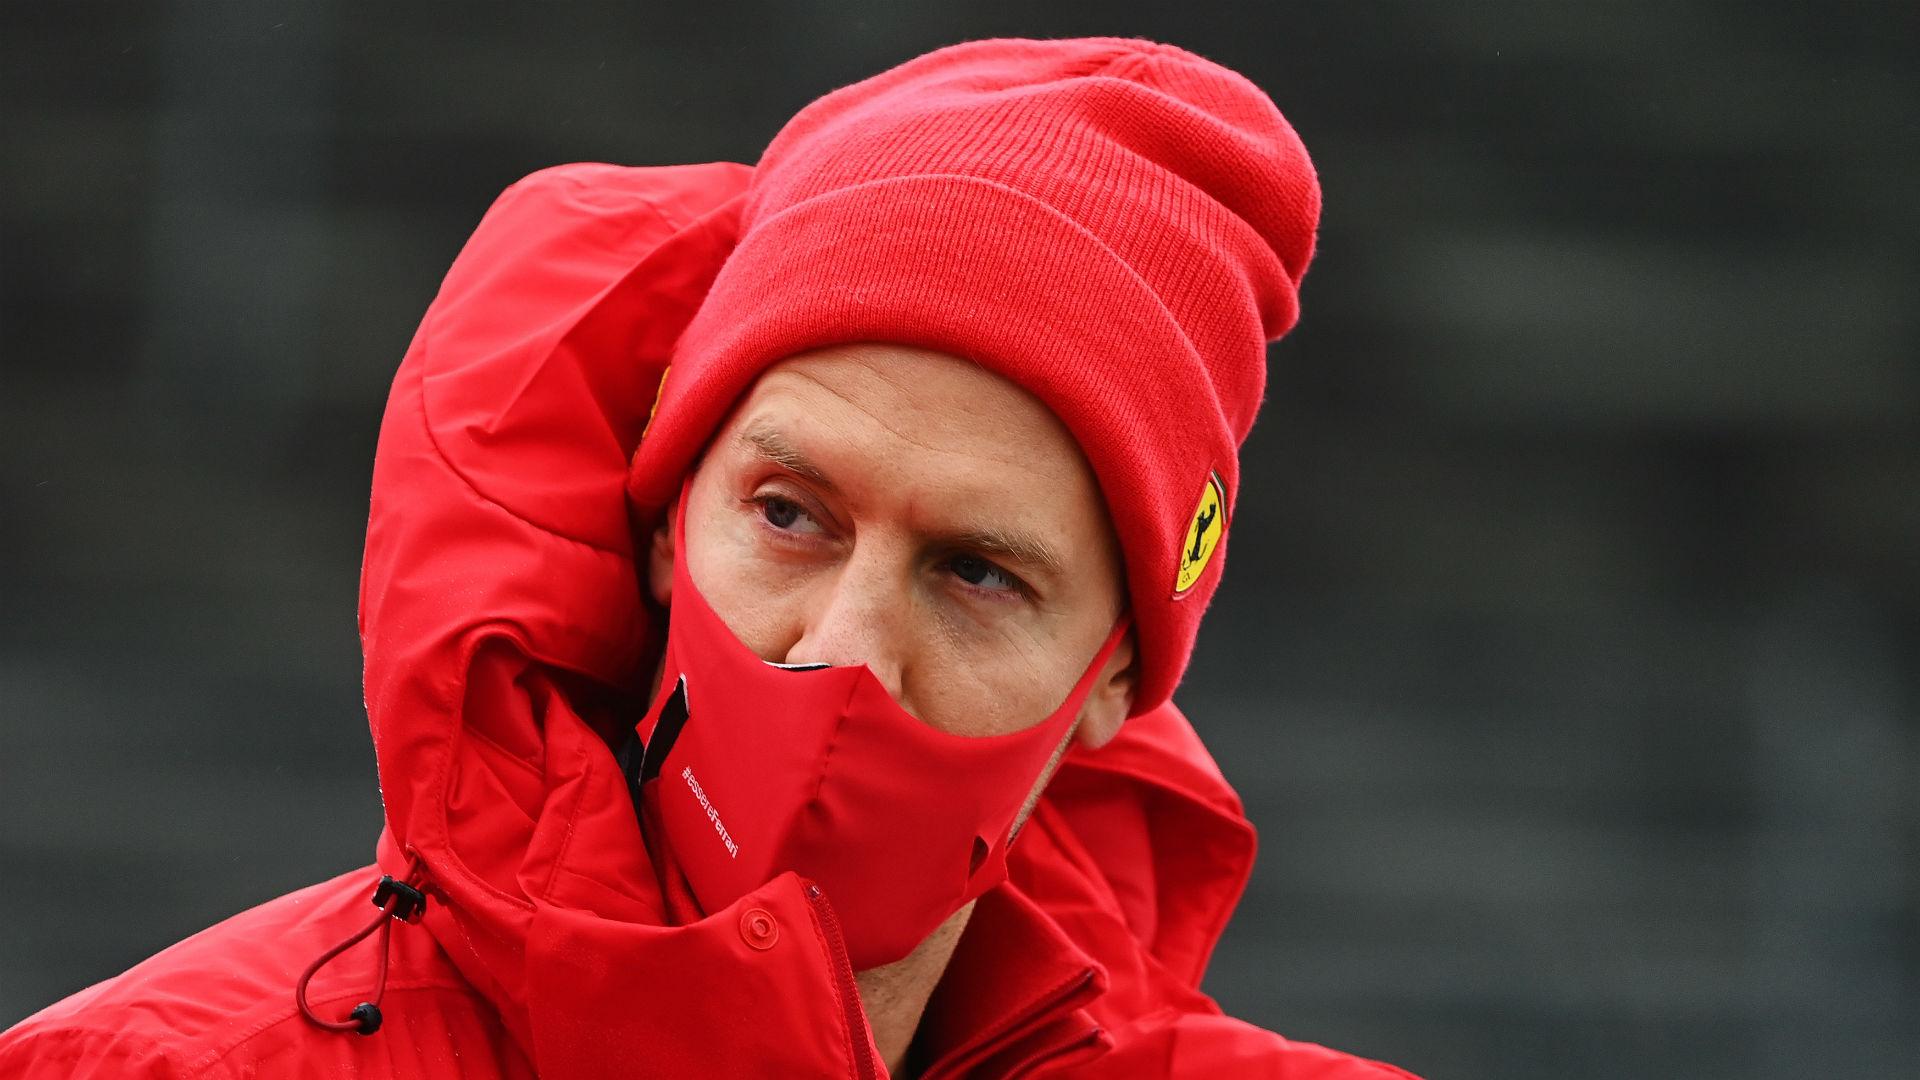 Vettel should've retired from F1 - Stewart